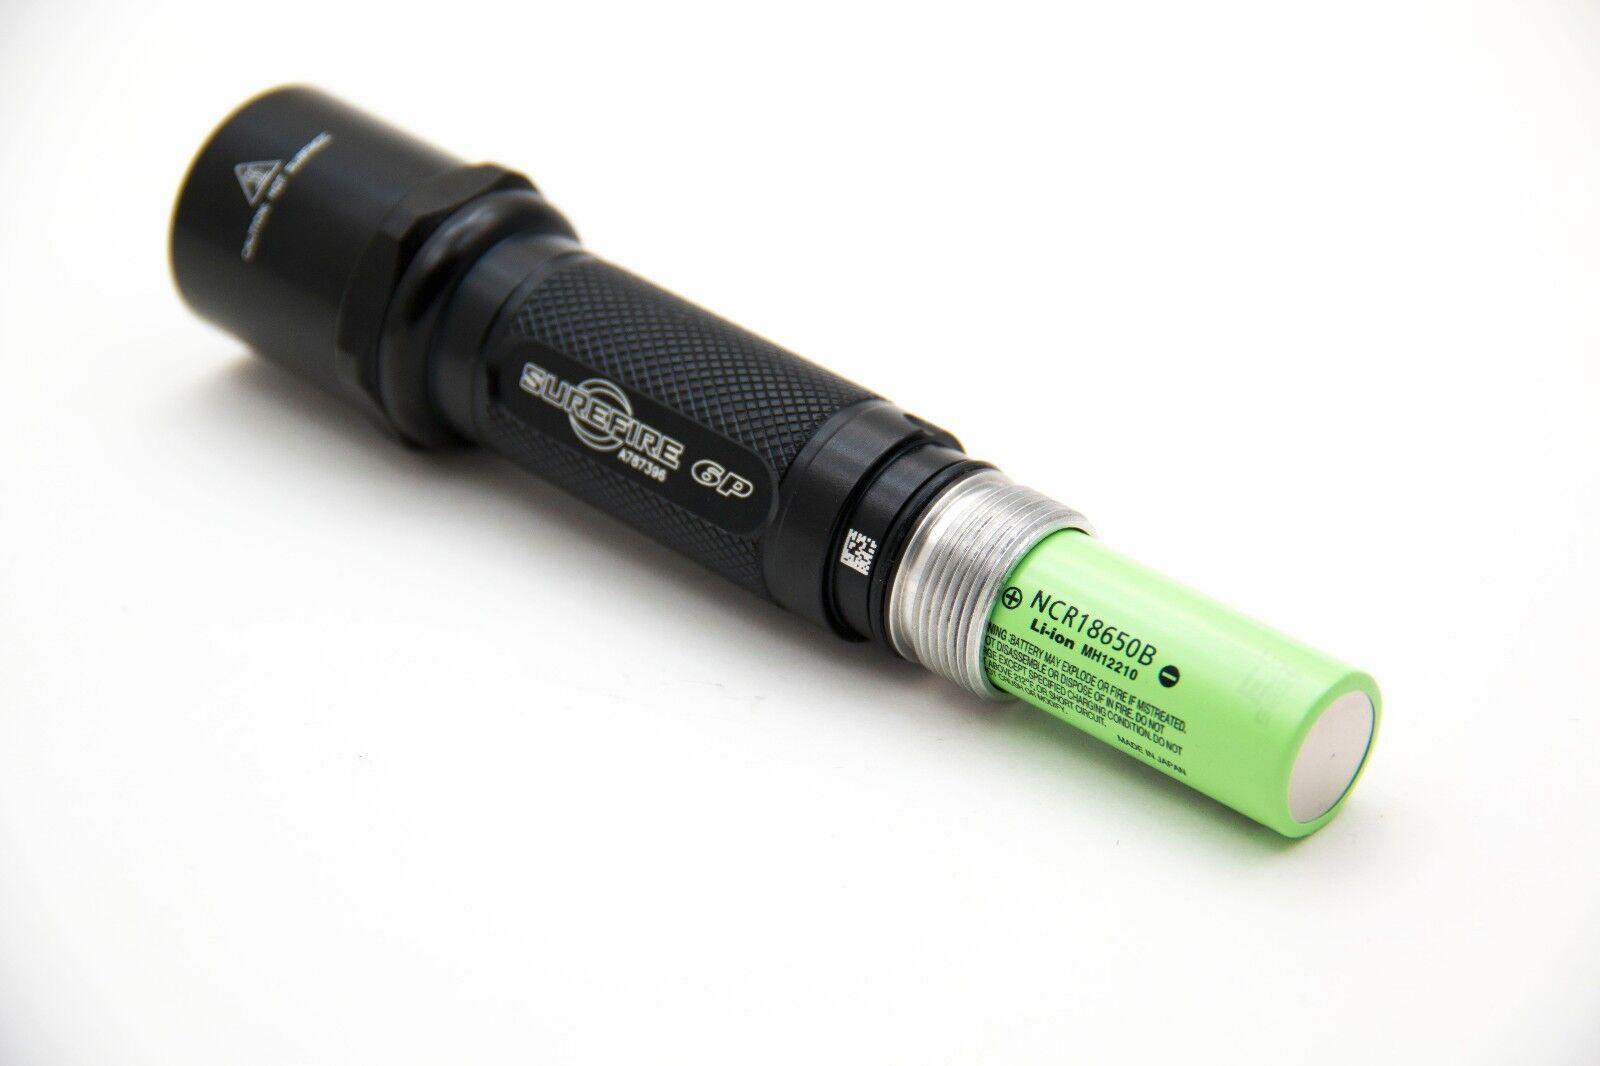 New   18650 Bored  SureFire 6P 18650 Flashlight (no bulb, no batteries)